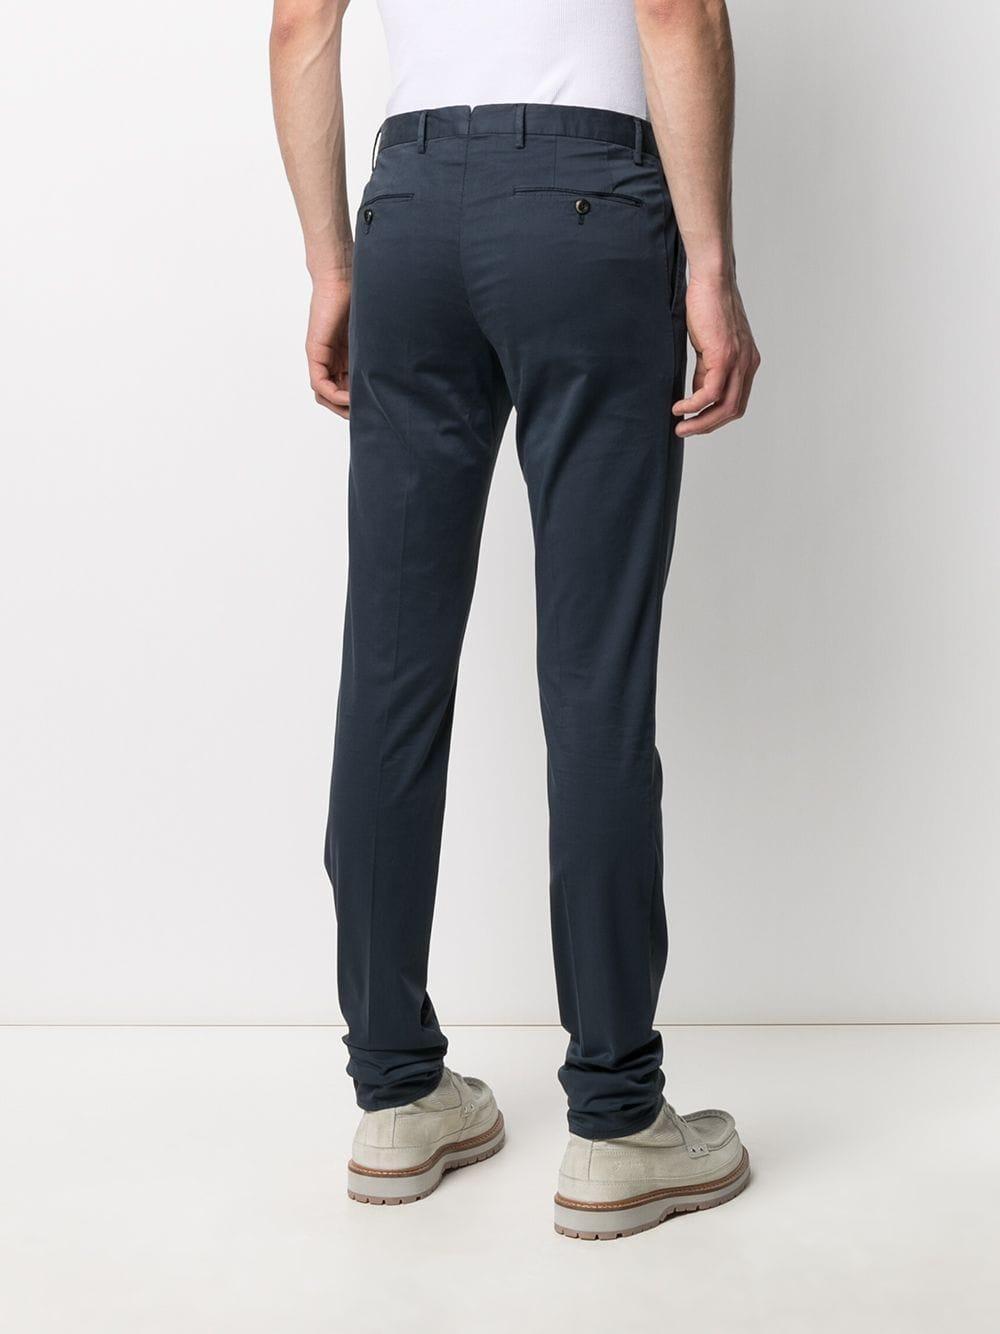 Blue cotton blend pleat detail chinos  PT01 |  | CODT11Z00CL1-RO050374